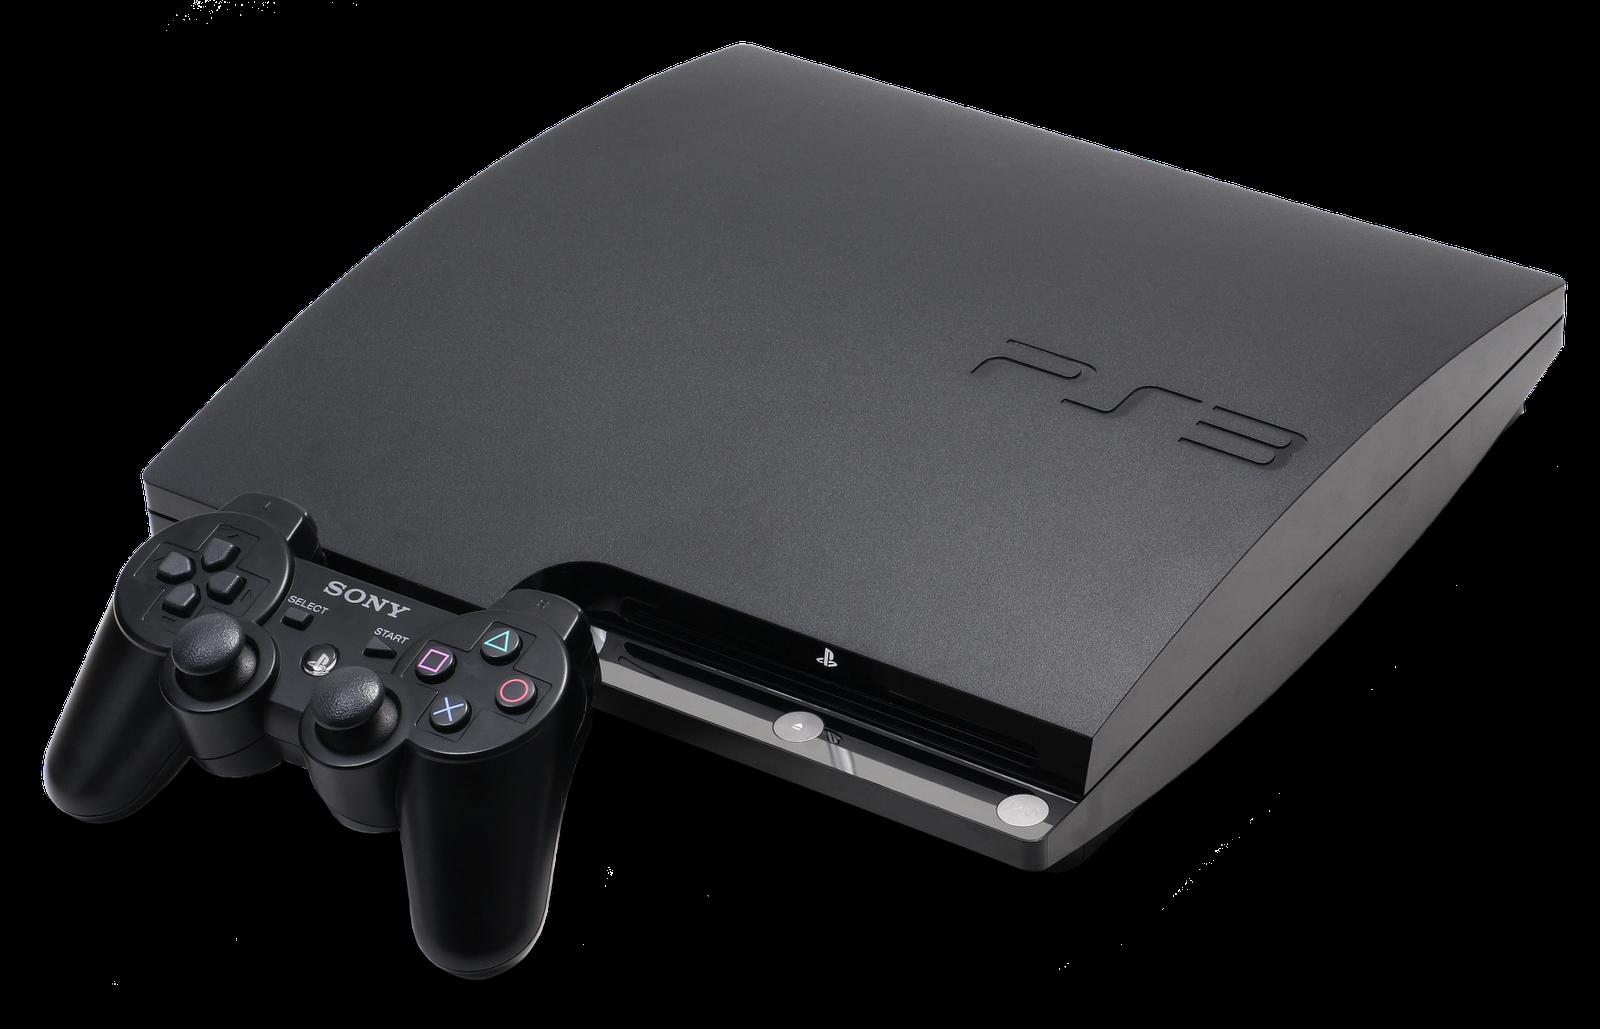 cual es para vosotros el mejor modelo doy 1 playstation 3 3djuegos. Black Bedroom Furniture Sets. Home Design Ideas